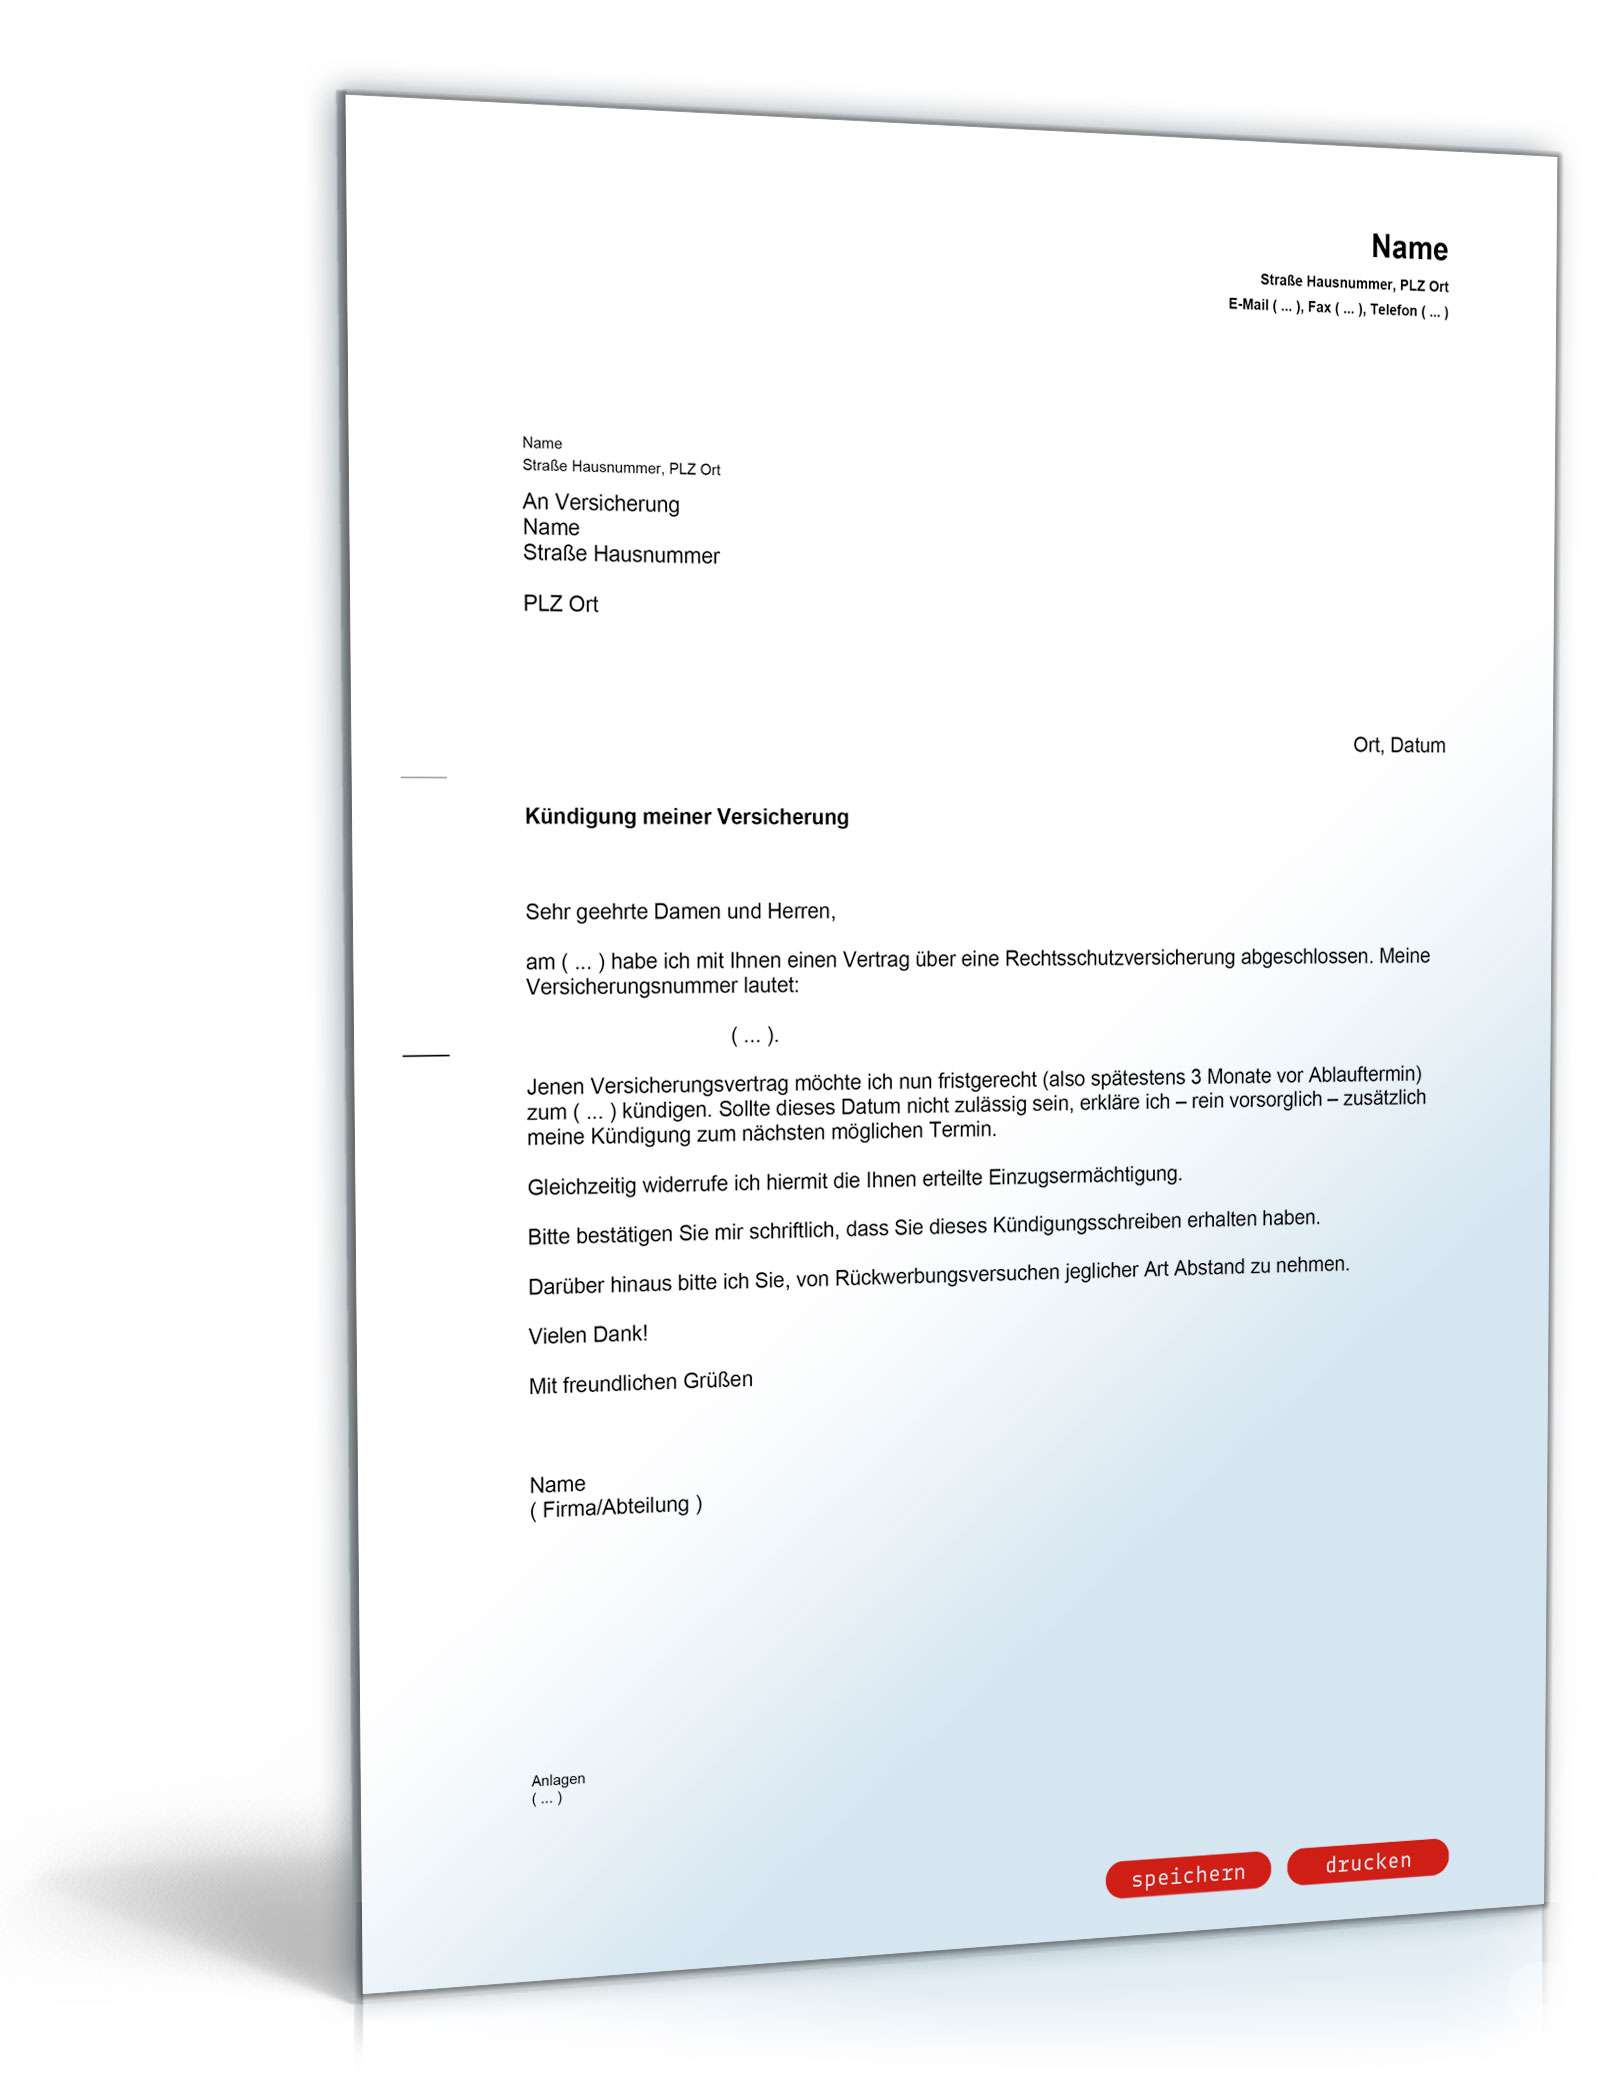 Roland Rechtsschutzversicherung Kundigung